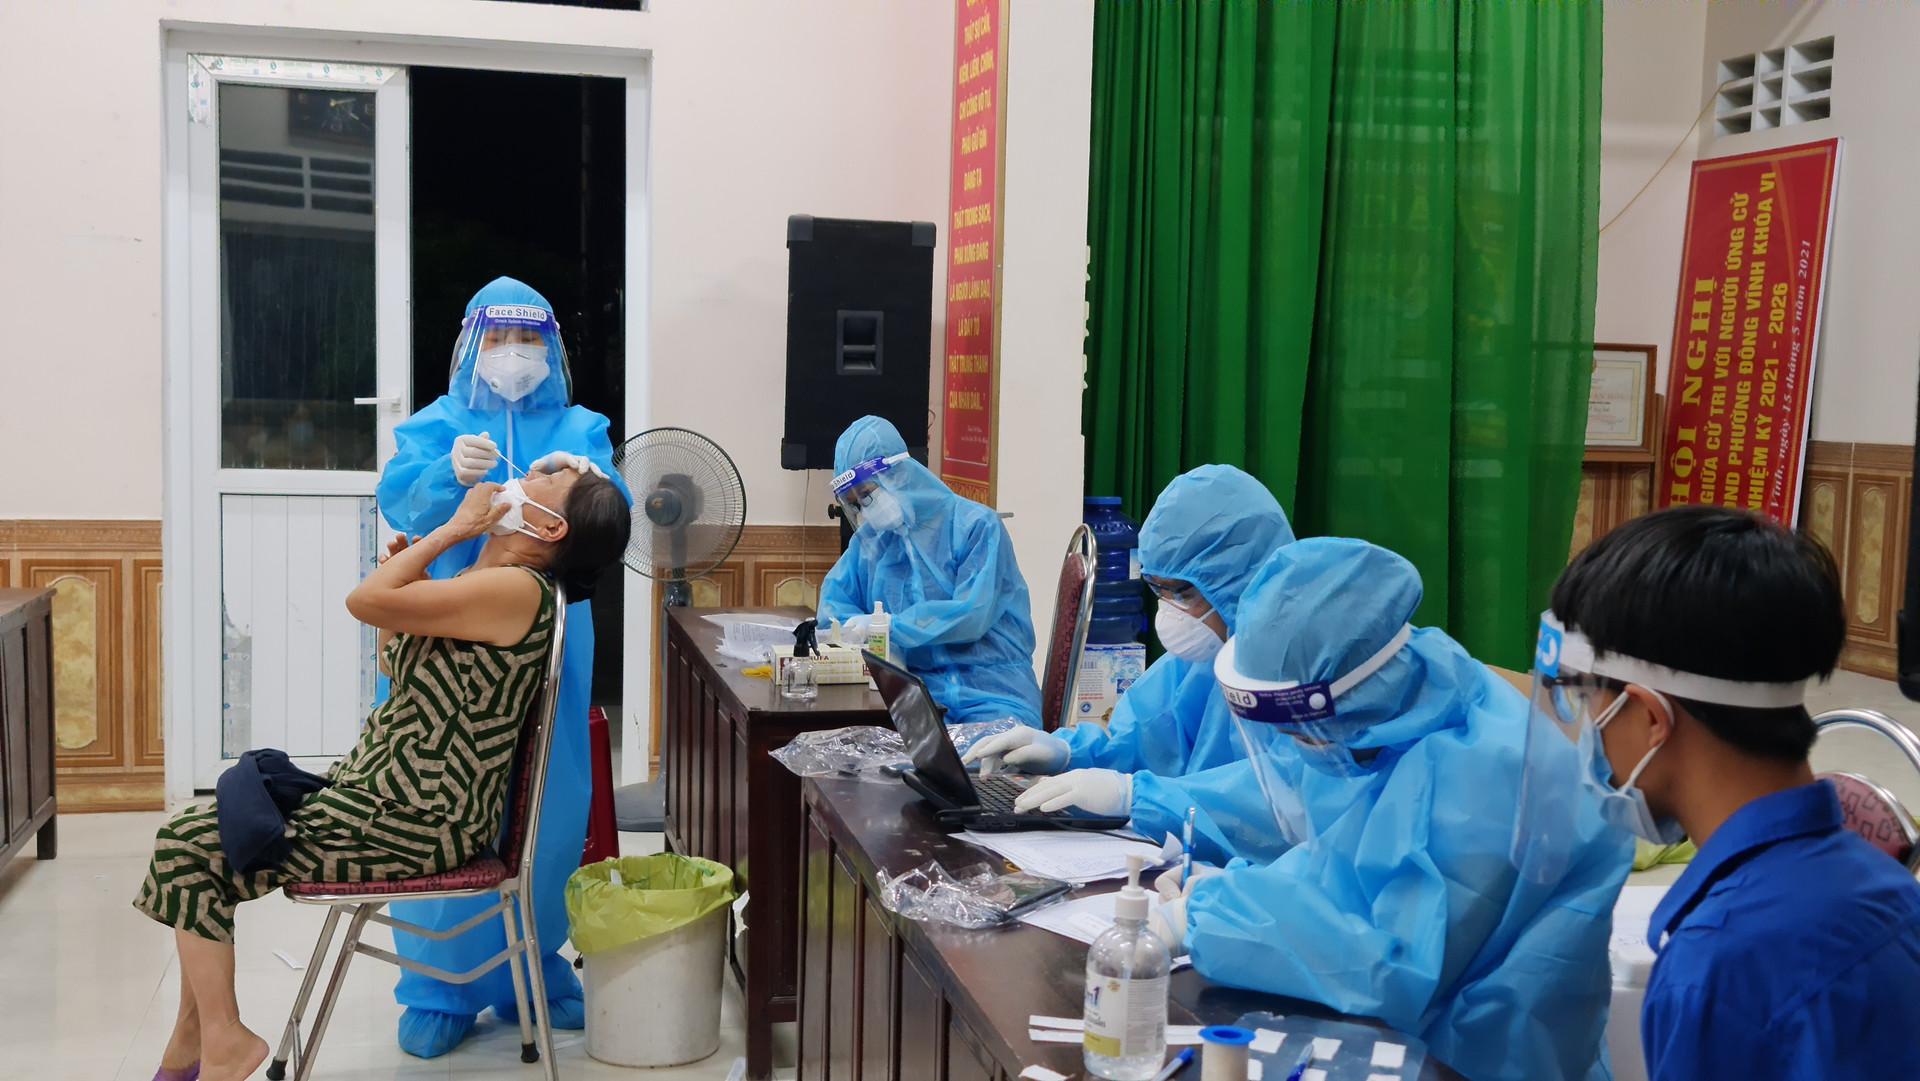 Nghệ An: Thấy sốt, 2 vợ chồng đến viện test nhanh dương tính SARS-CoV-2-2